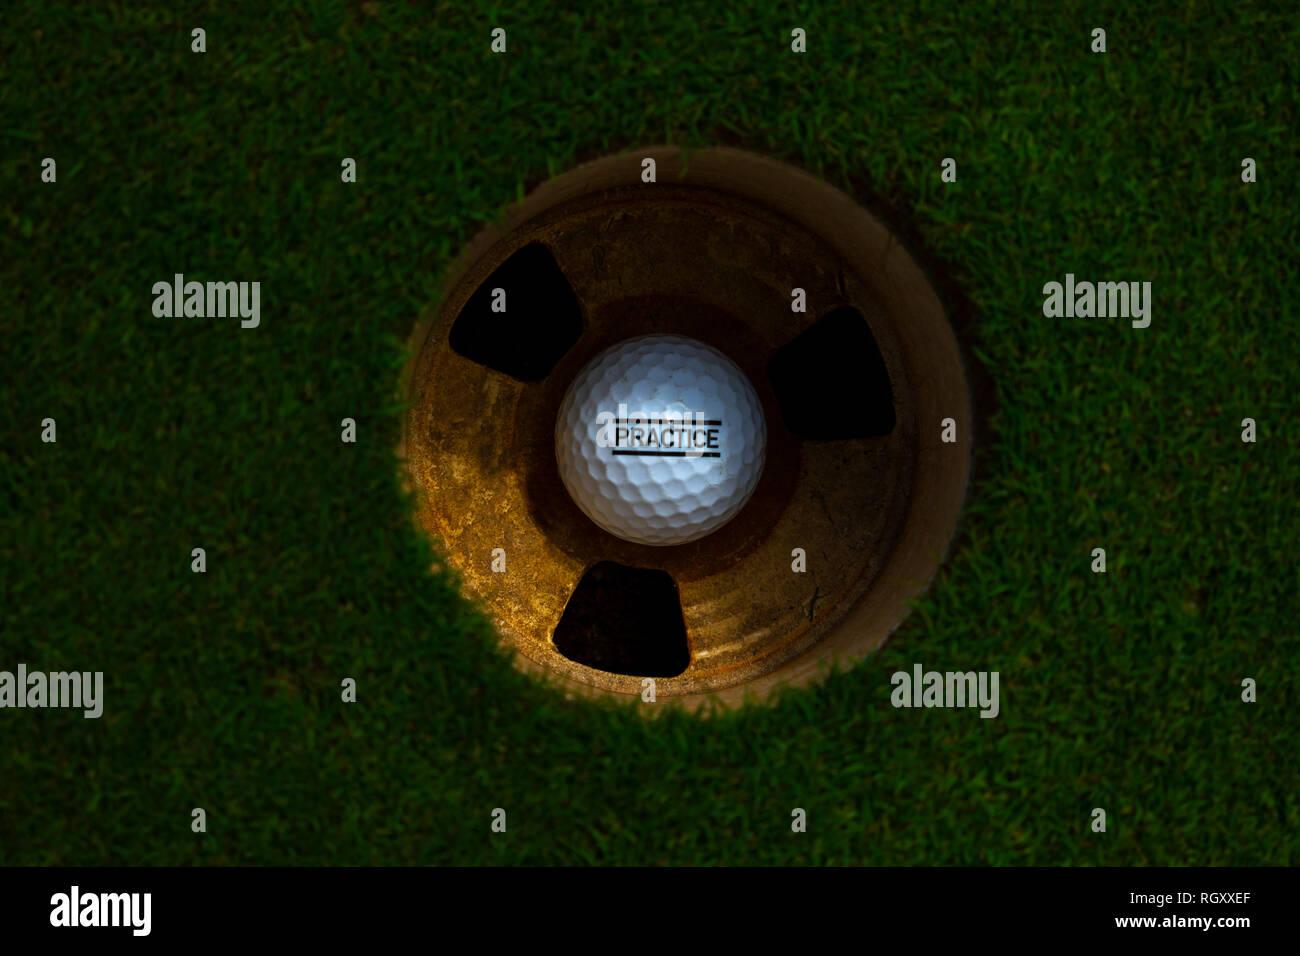 Balle de golf dans le trou sur le putting green avec texte pratique en Suisse. Banque D'Images